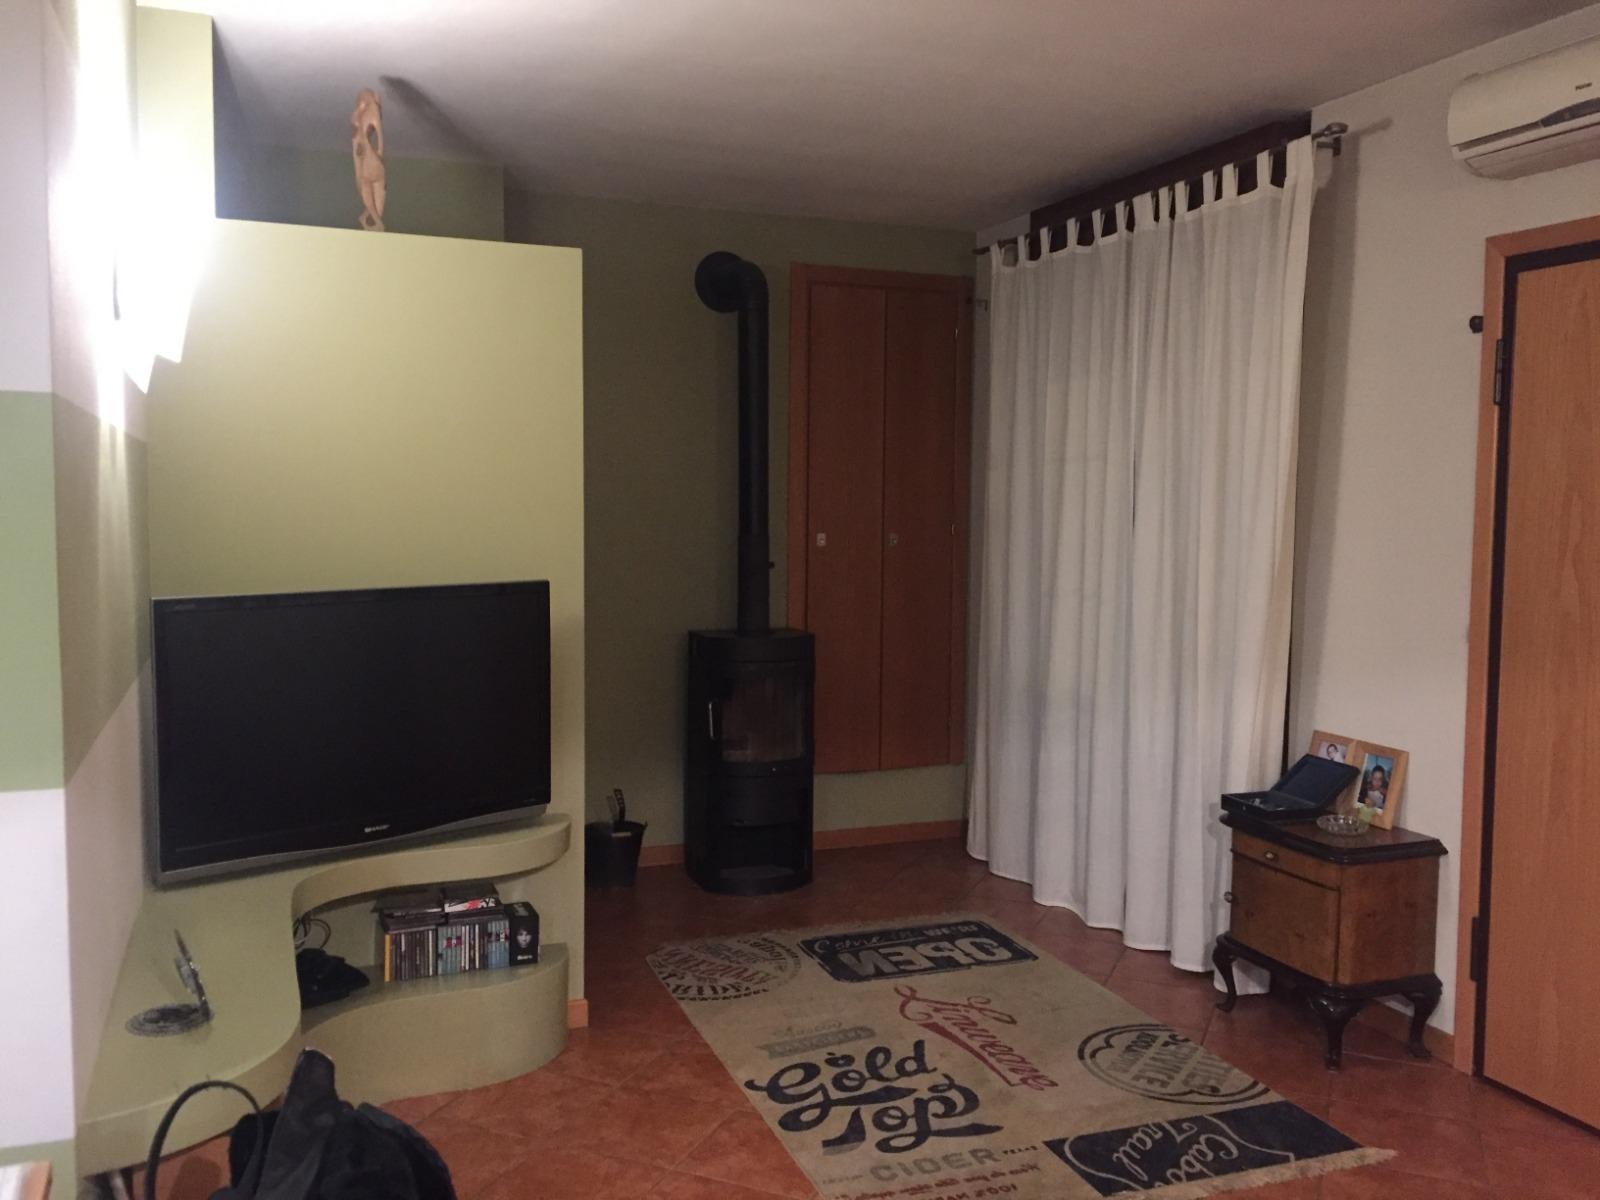 Appartamento in vendita a Concesio, 3 locali, zona Zona: Pieve, prezzo € 200.000 | CambioCasa.it